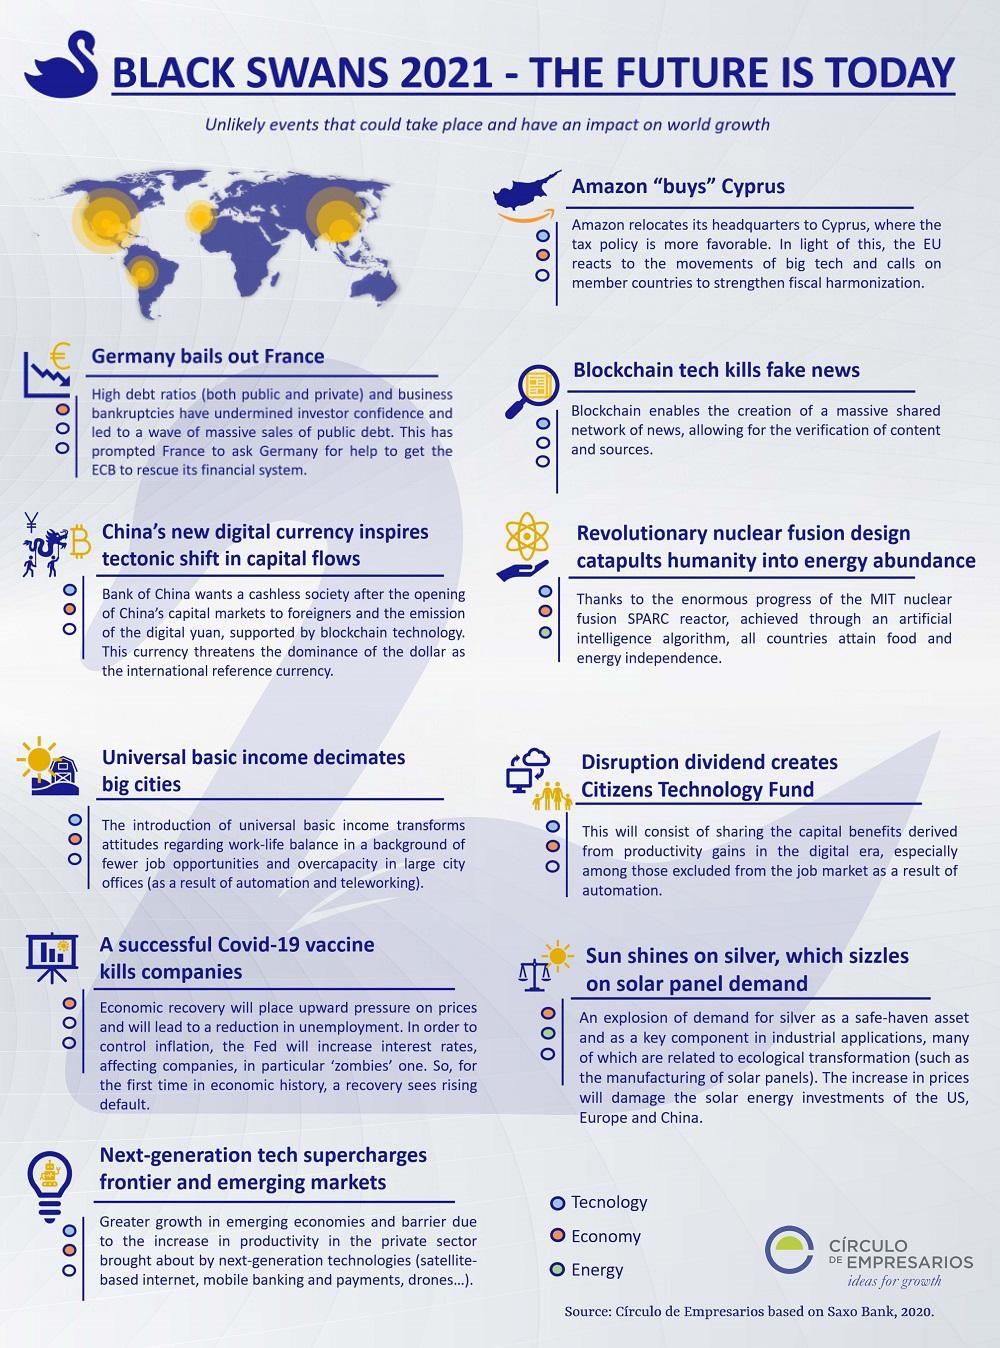 BLACK-SWANS-2021-The-Future-is-Today-Infographic-2020-Circulo-de-Empresarios